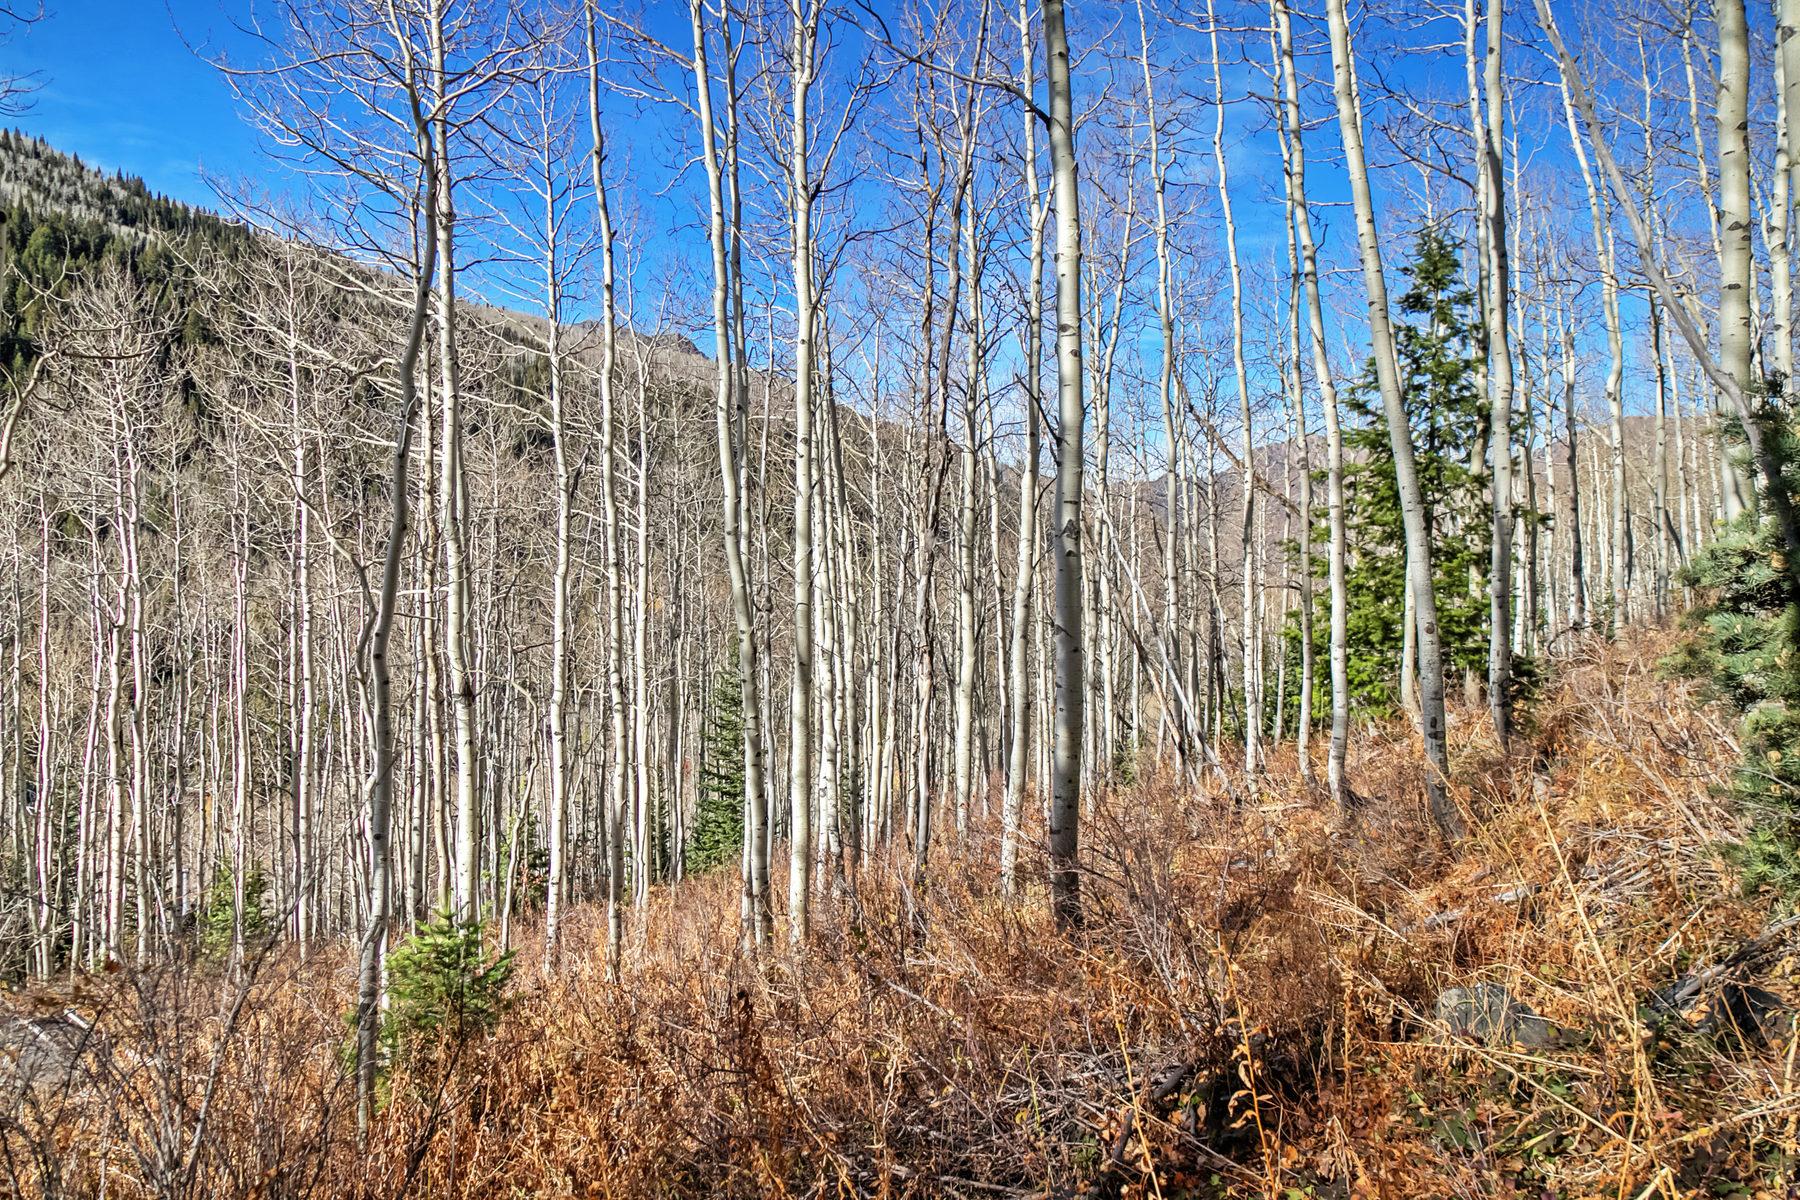 Terreno per Vendita alle ore Absolute mountain perfection 11267 E Mule Hollow Ln Brighton, Utah, 84121 Stati Uniti